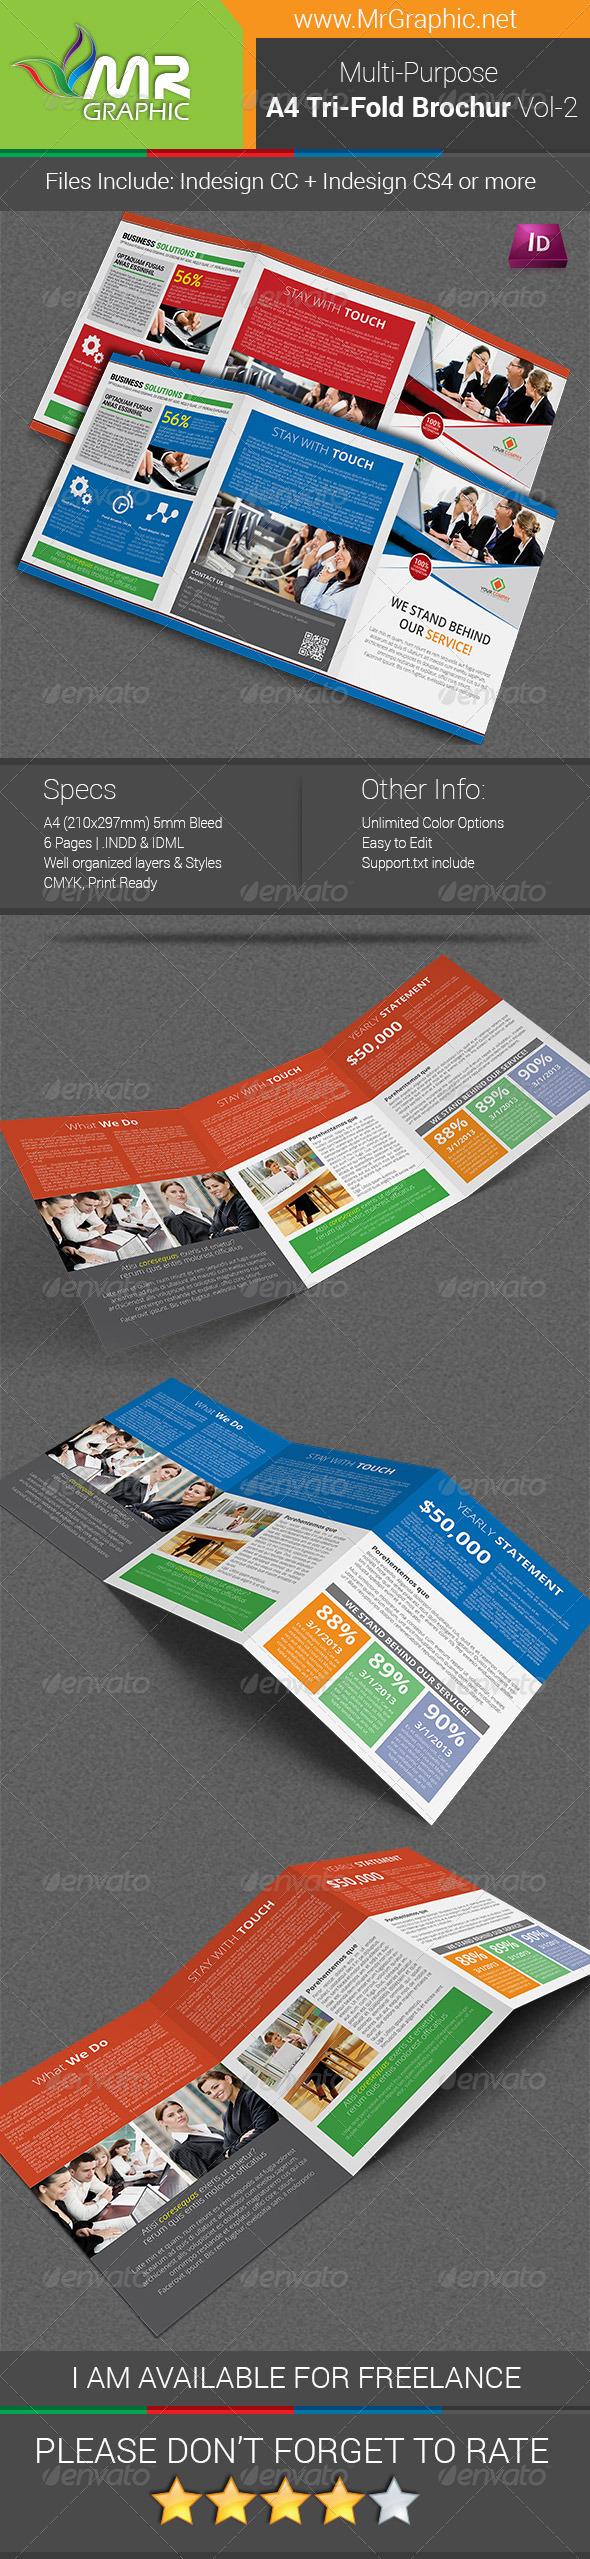 GraphicRiver Multipurpose A4 Tri-Fold Brochure Template Vol-2 6867348